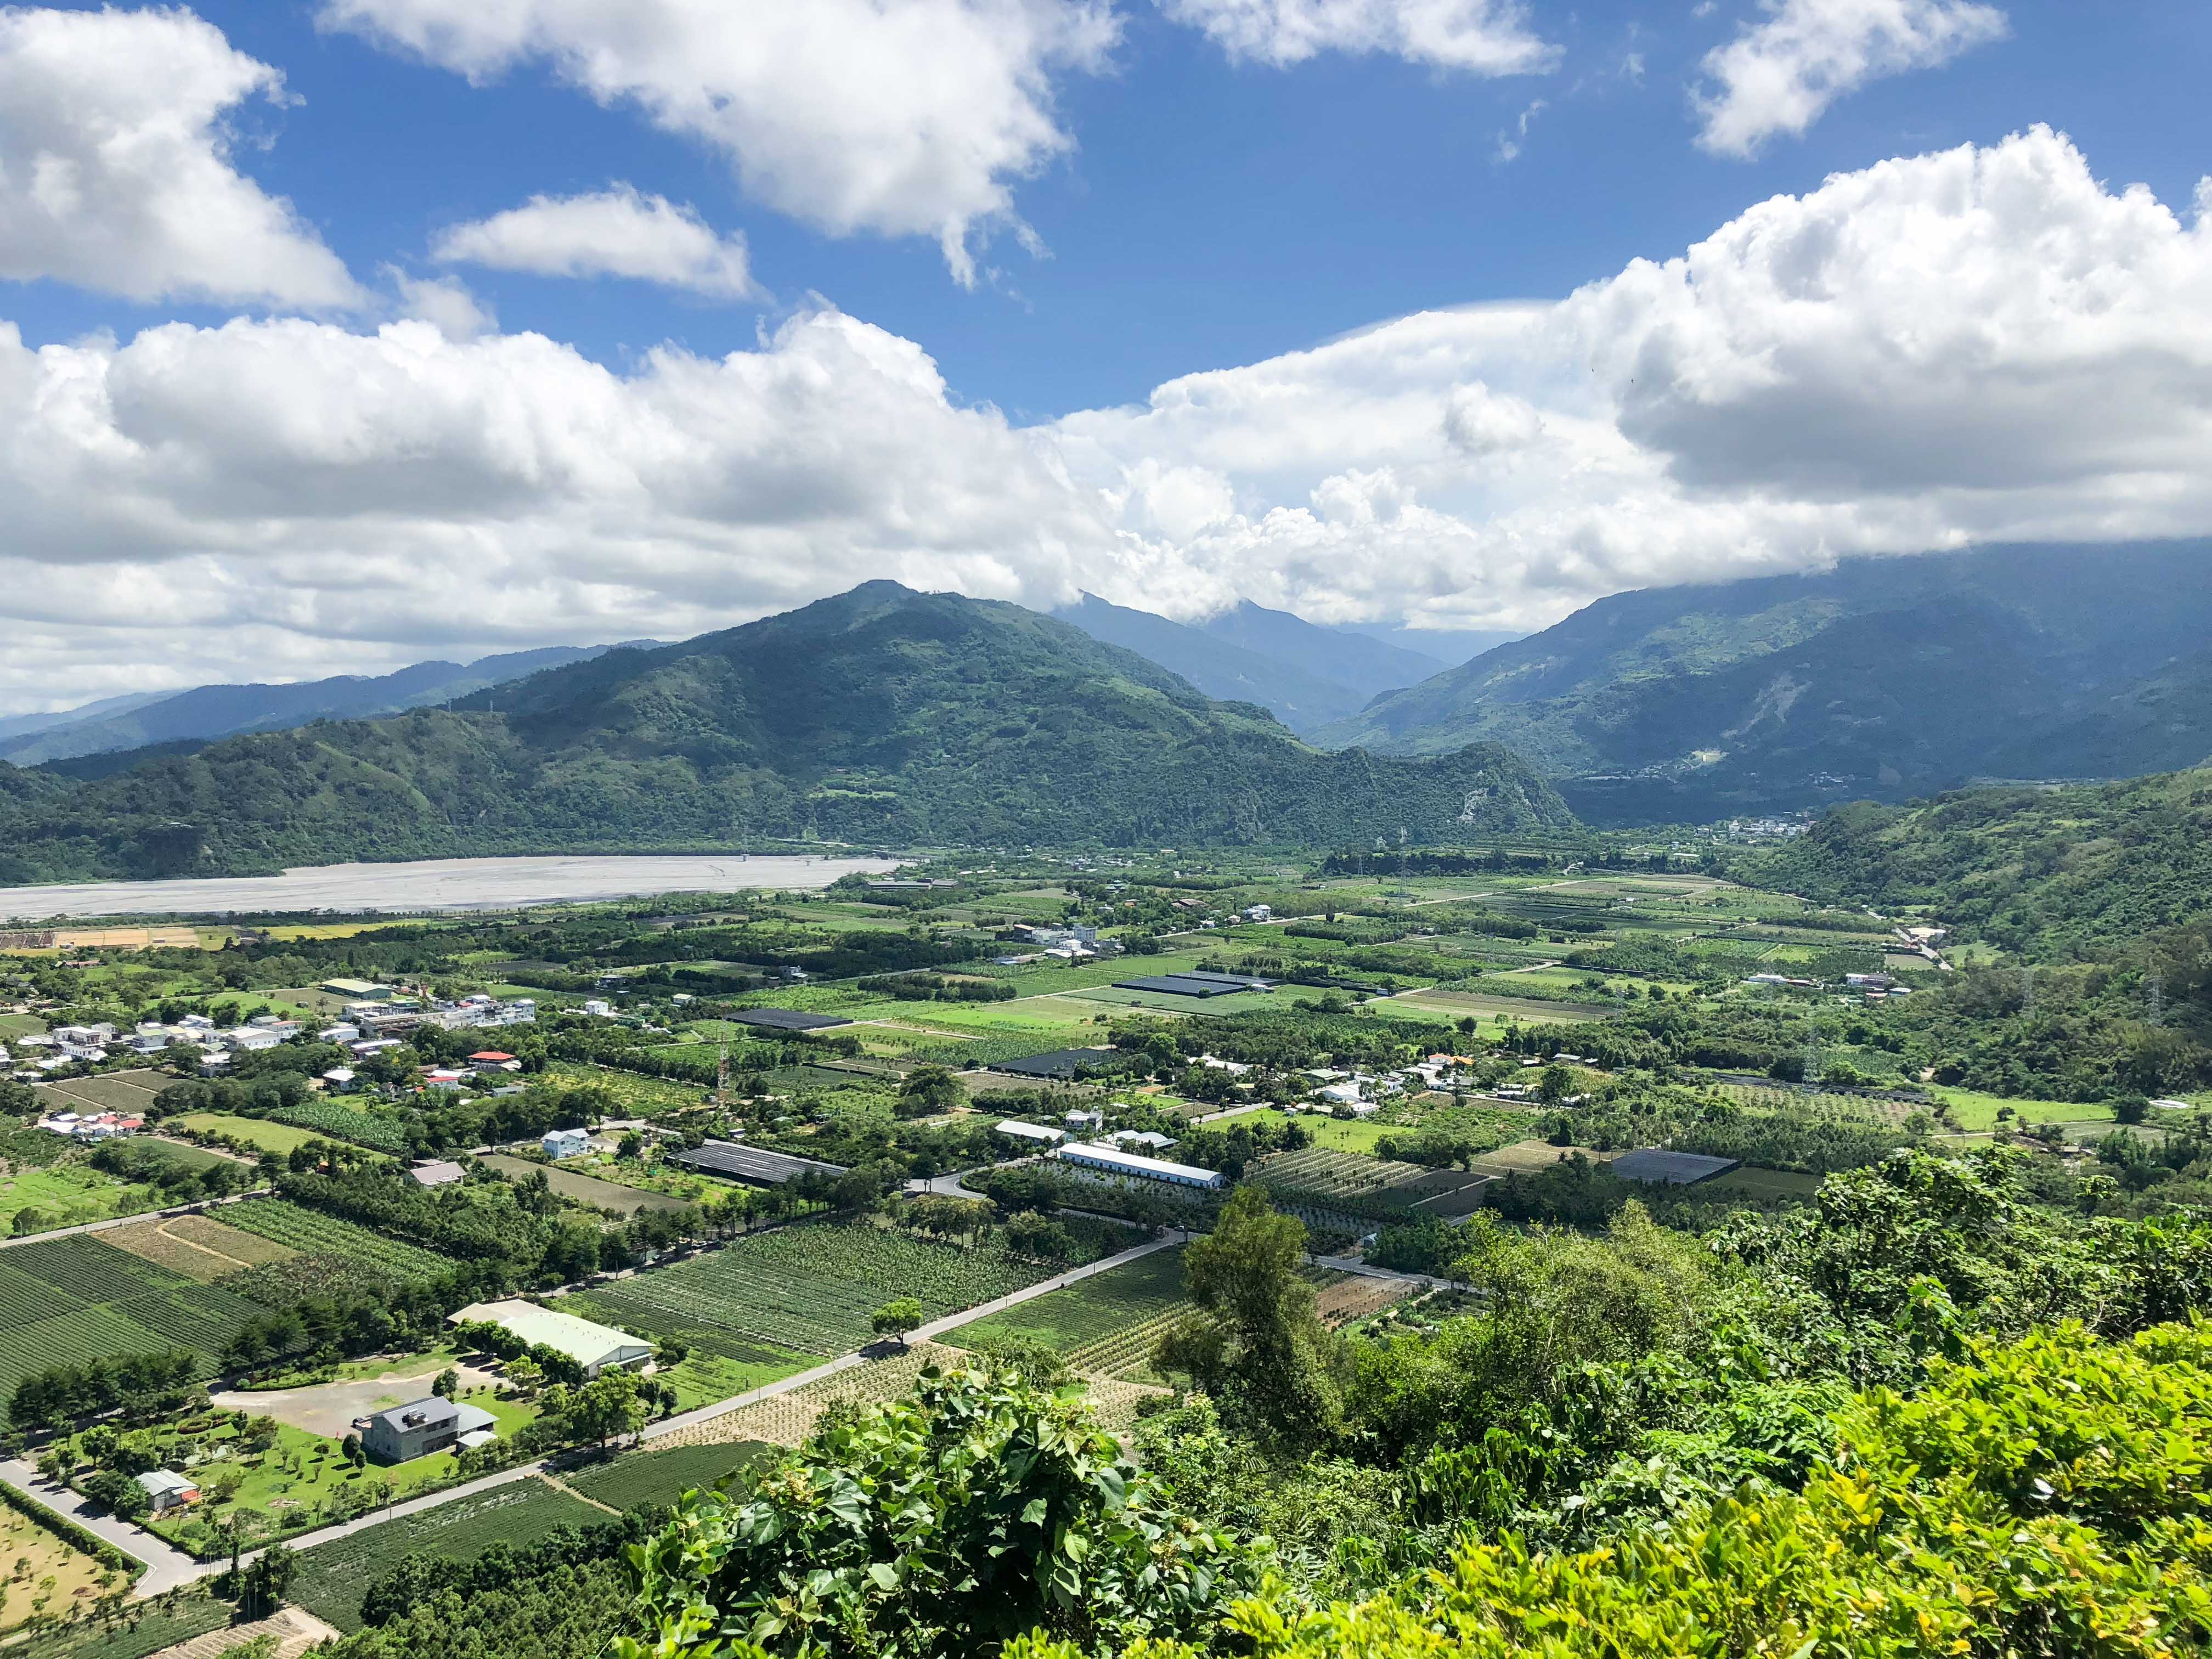 鹿野高台遠眺環境